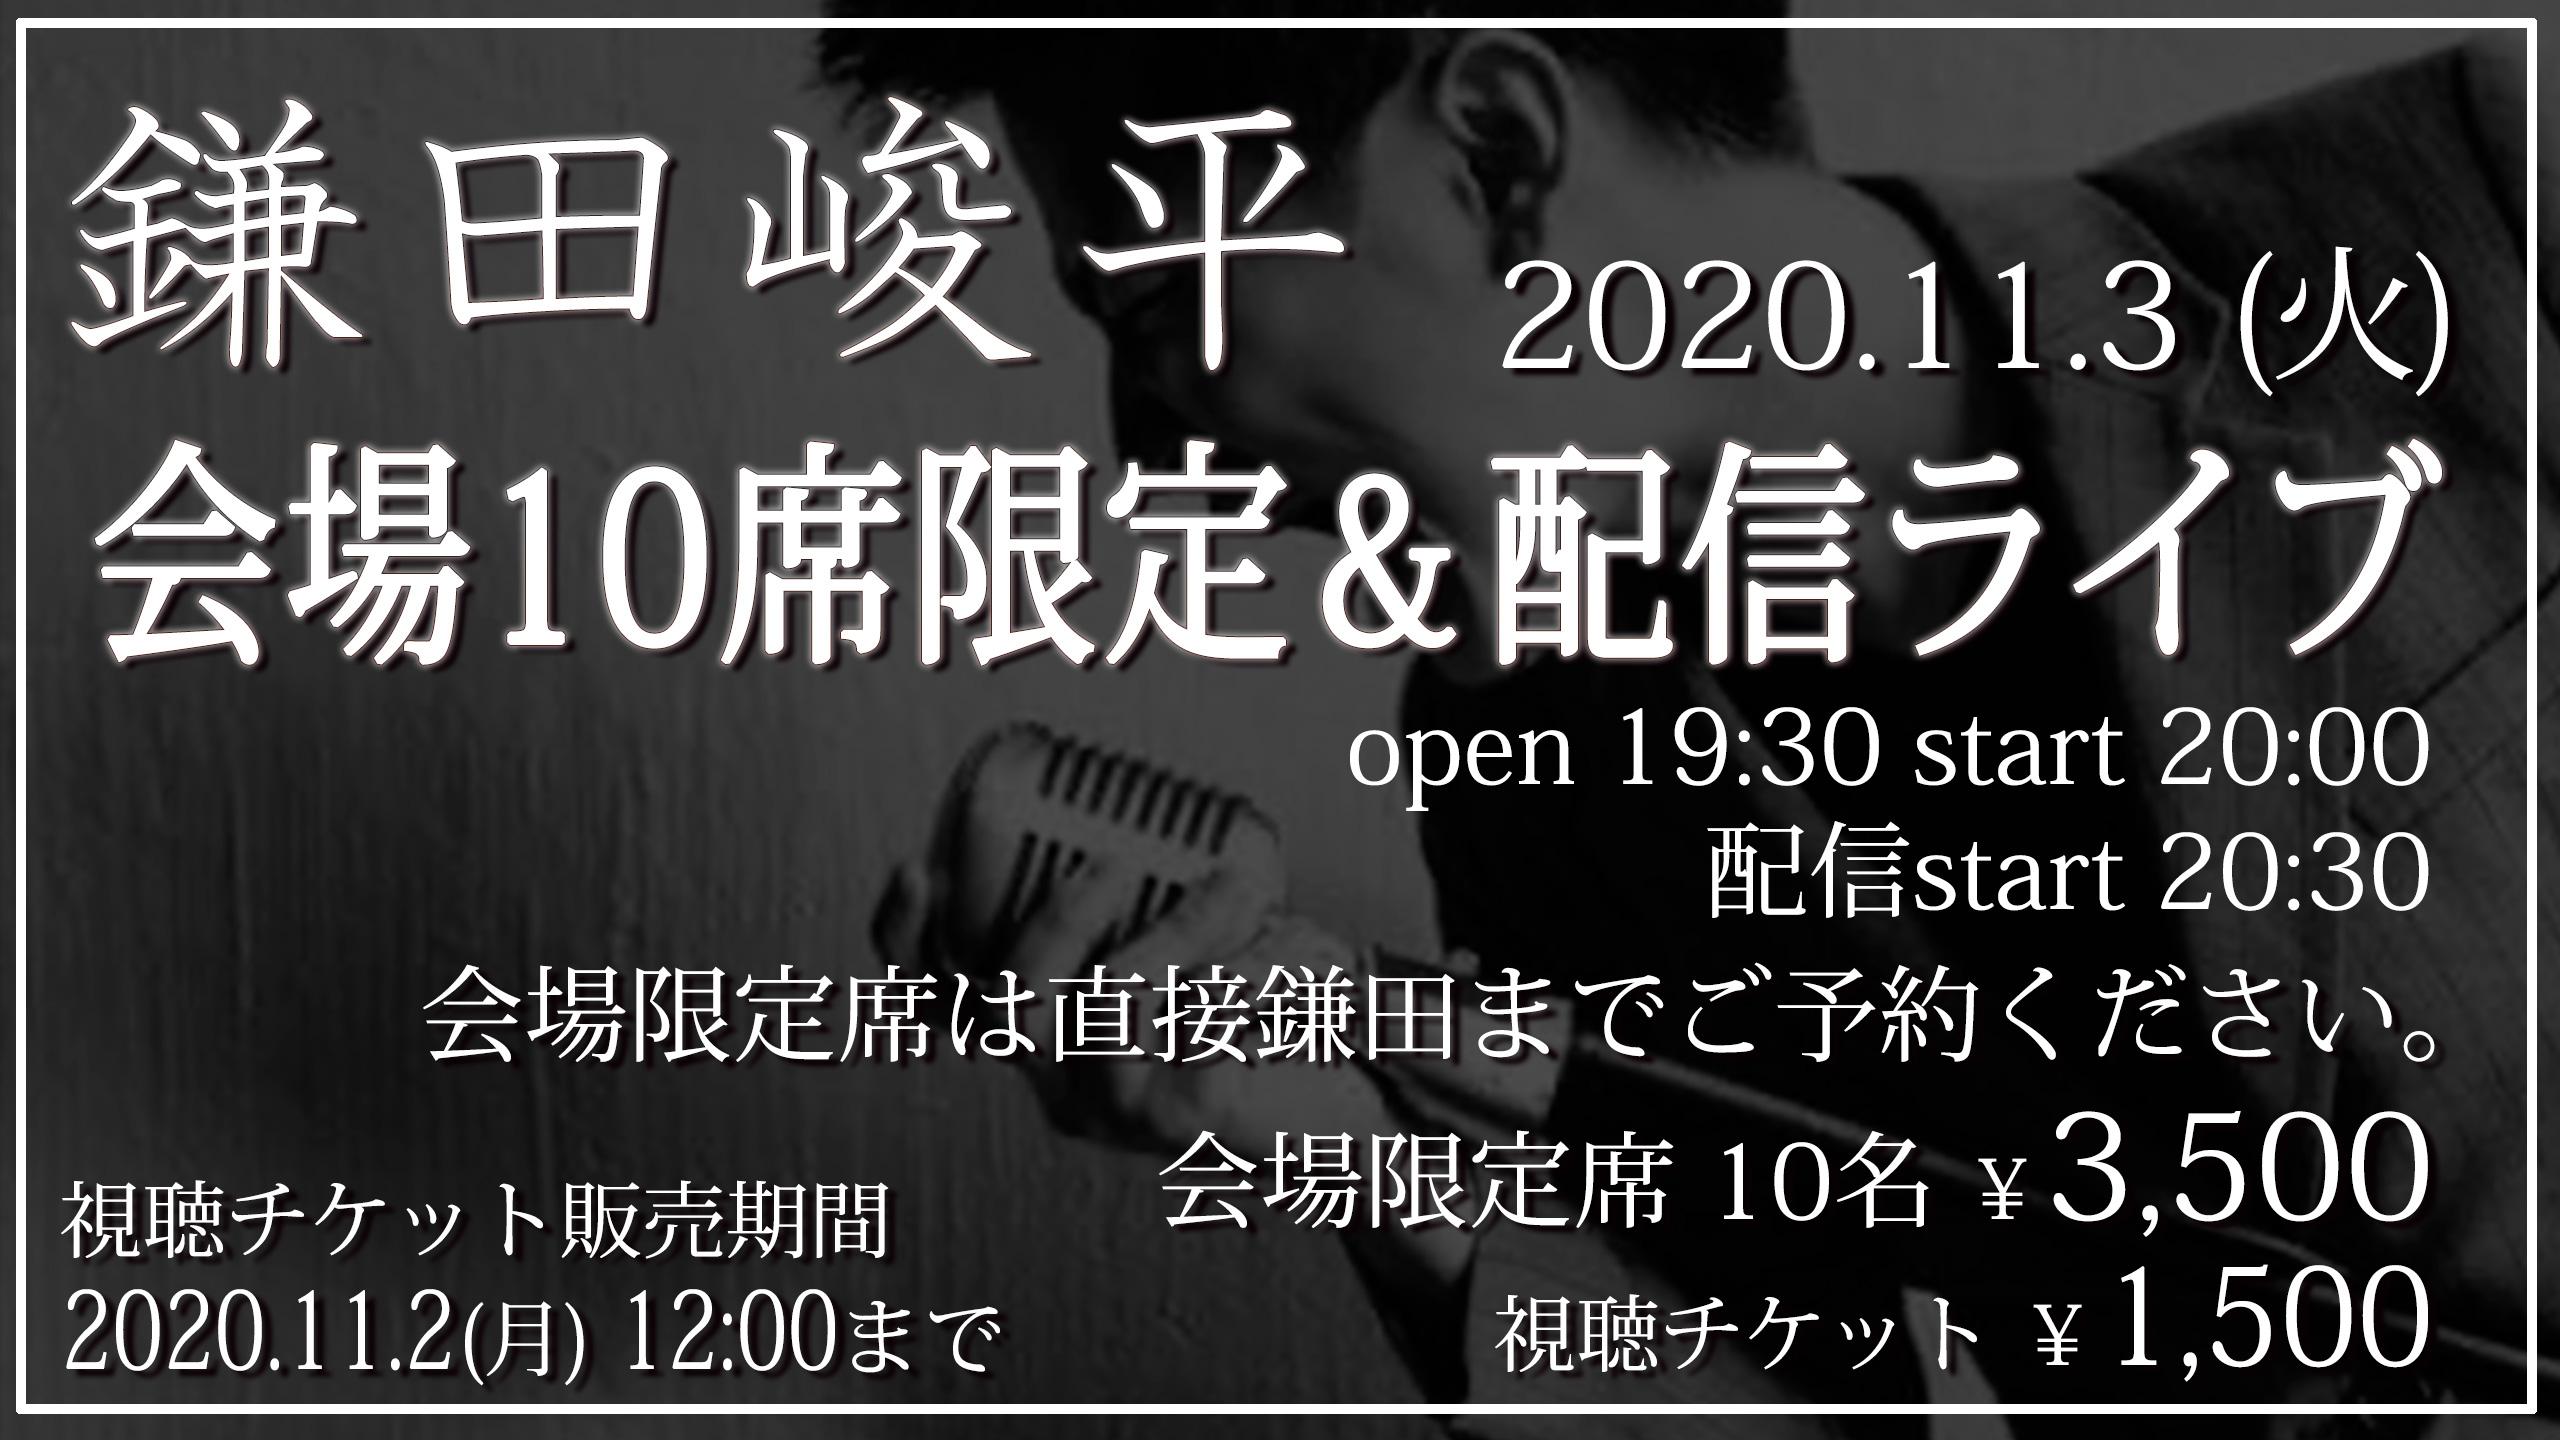 鎌田峻平 会場限定10席&配信ライブ